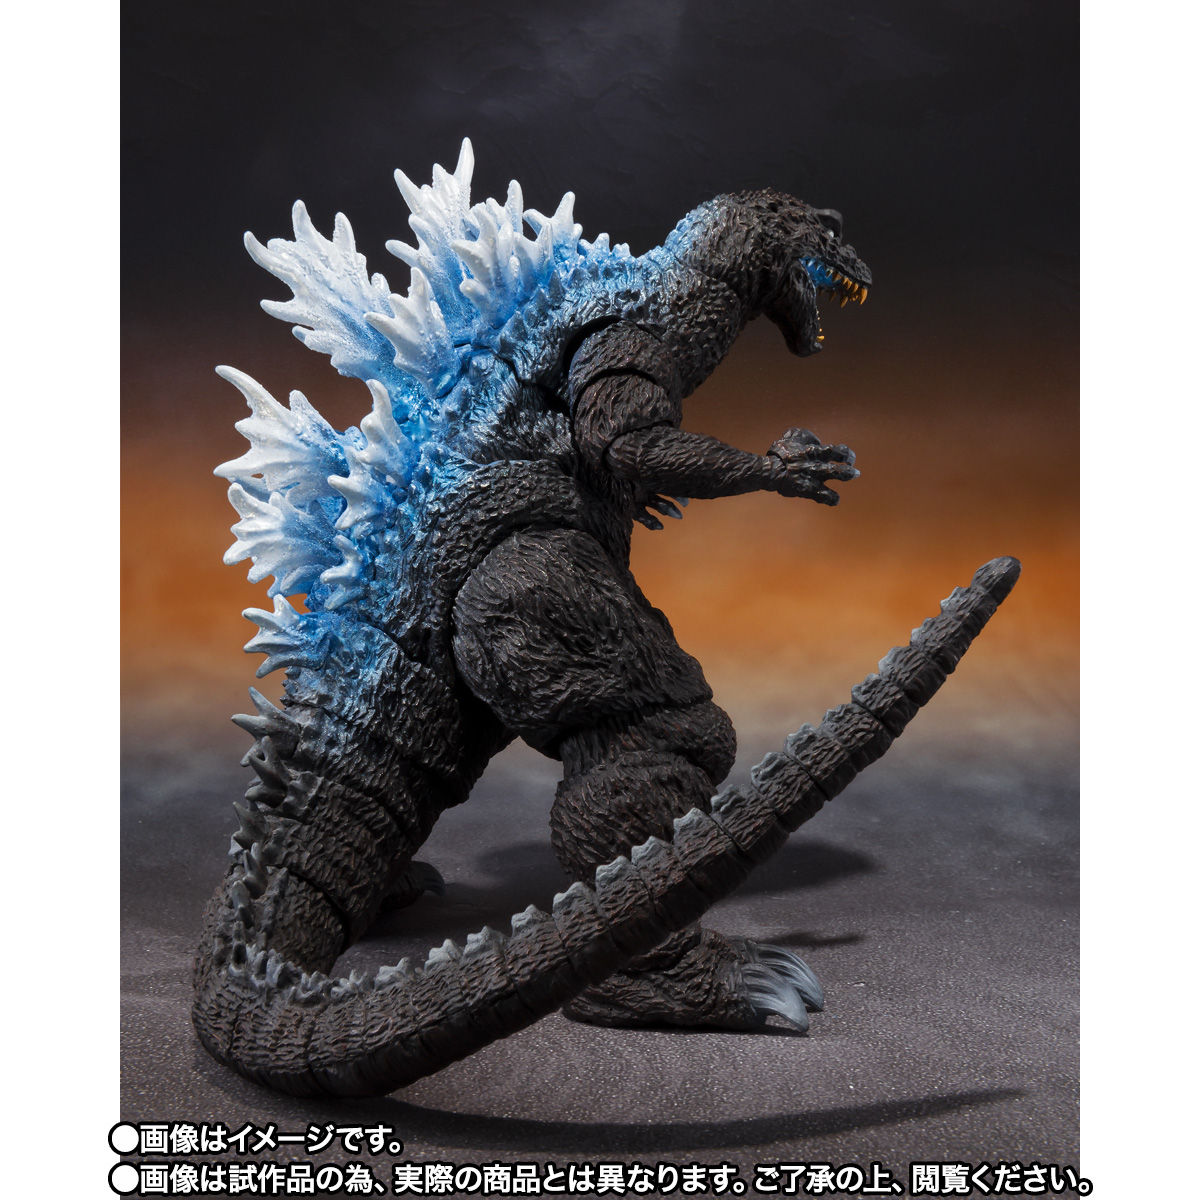 【限定販売】S.H.MonsterArts『ゴジラ(2001)放射熱線Ver.』大怪獣総攻撃 可動フィギュア-005